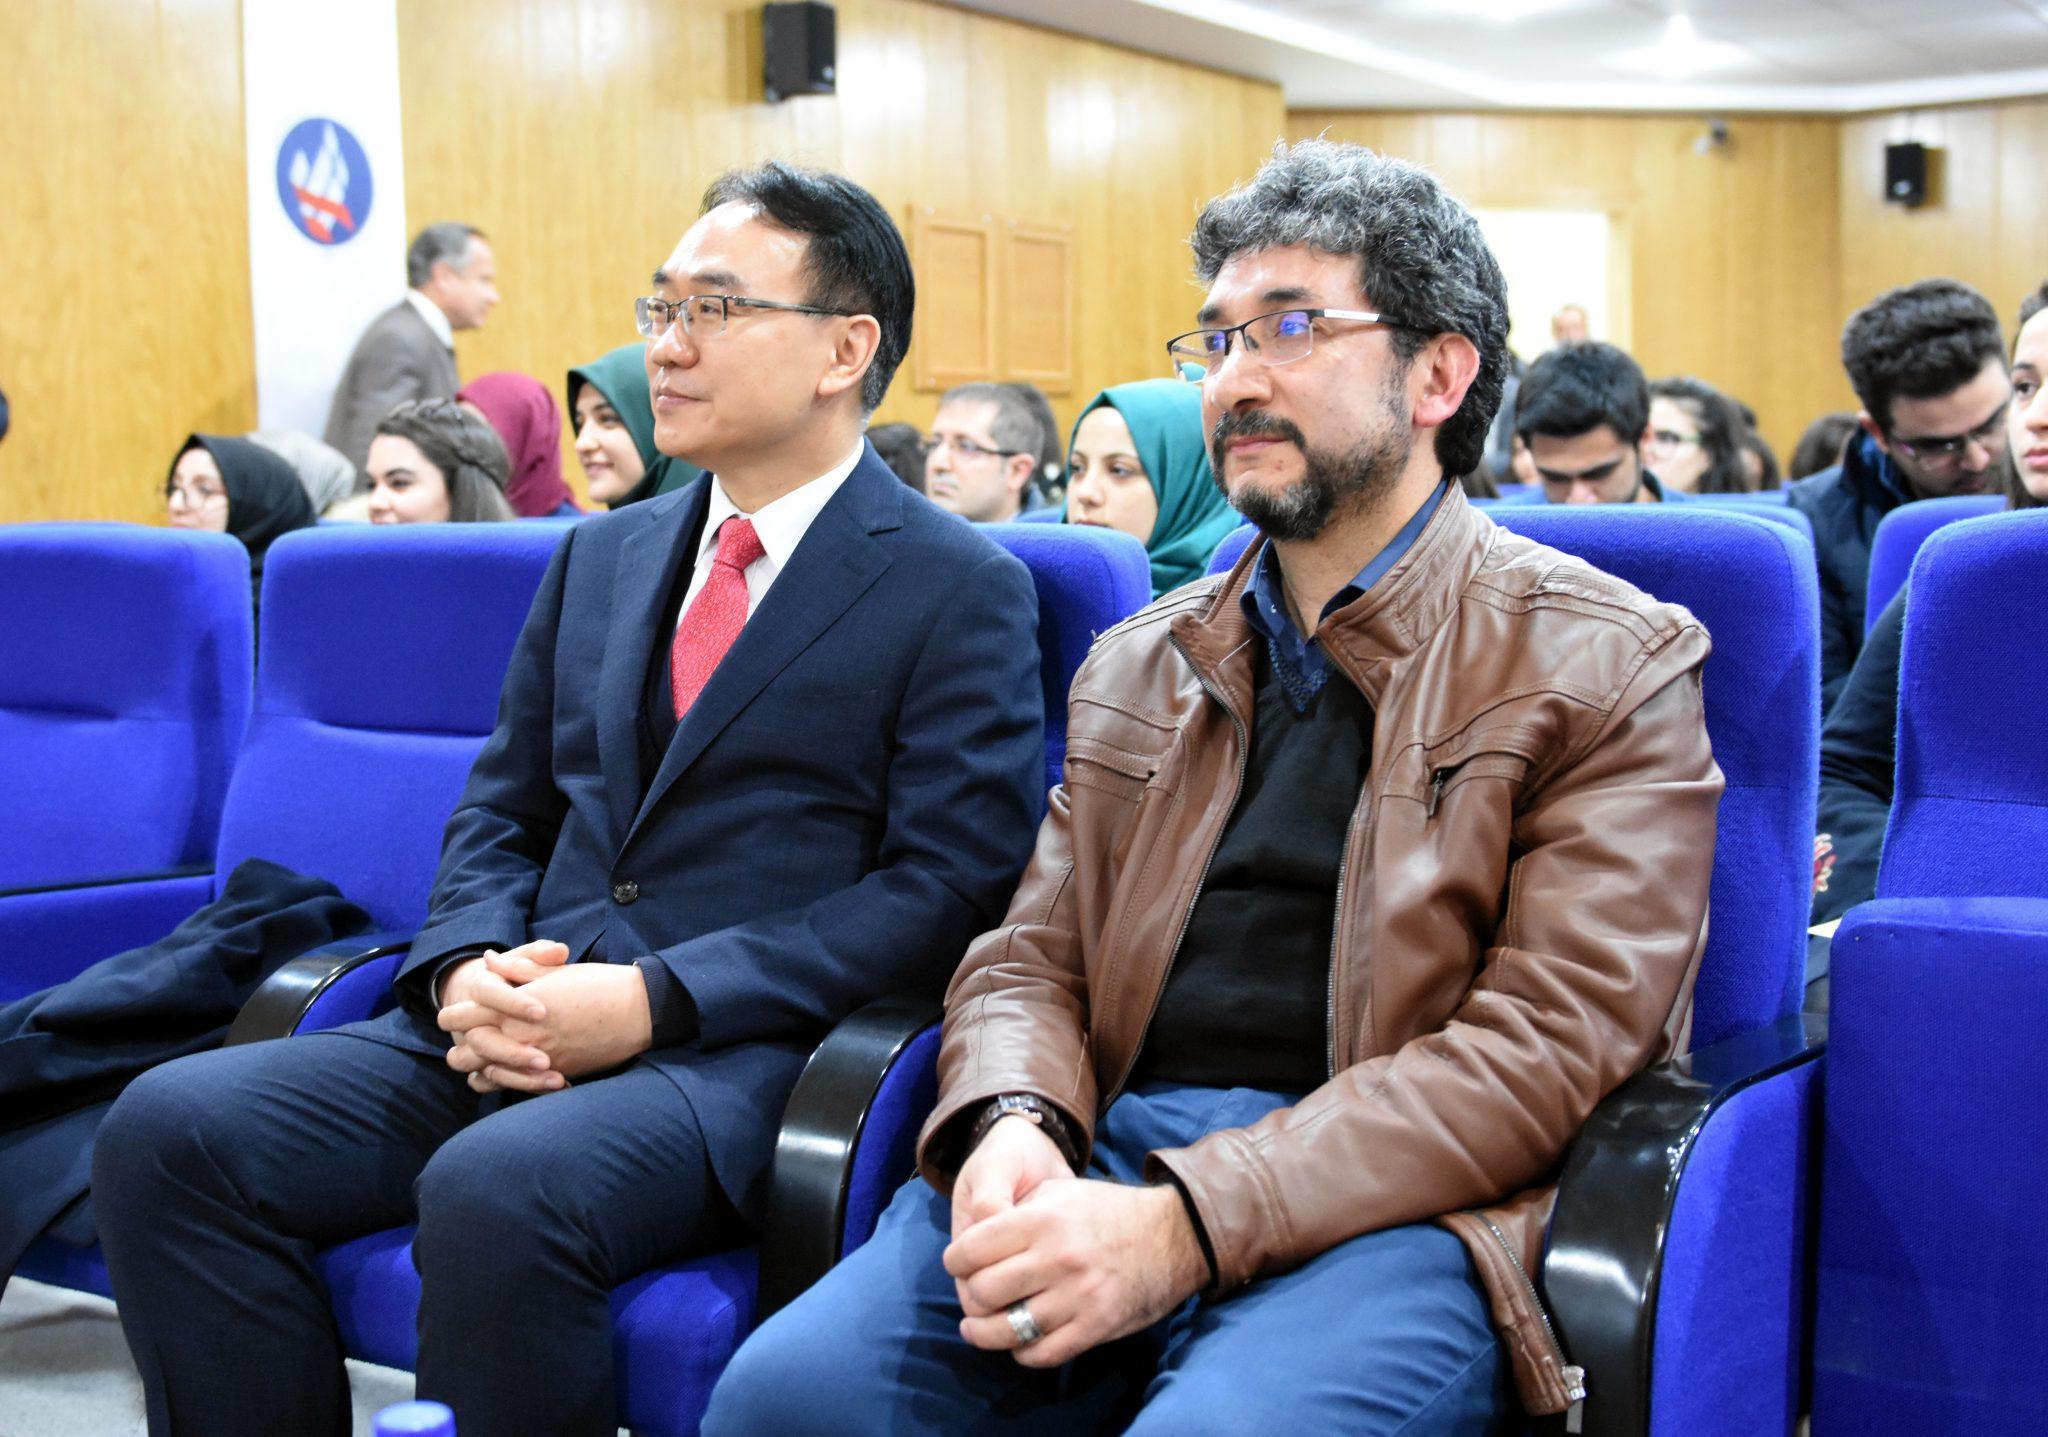 """Kırıkkalede Kore Türkiye İlişkileri semineri 2 - Kırıkkale'de """"Kore-Türkiye İlişkileri"""" semineri"""